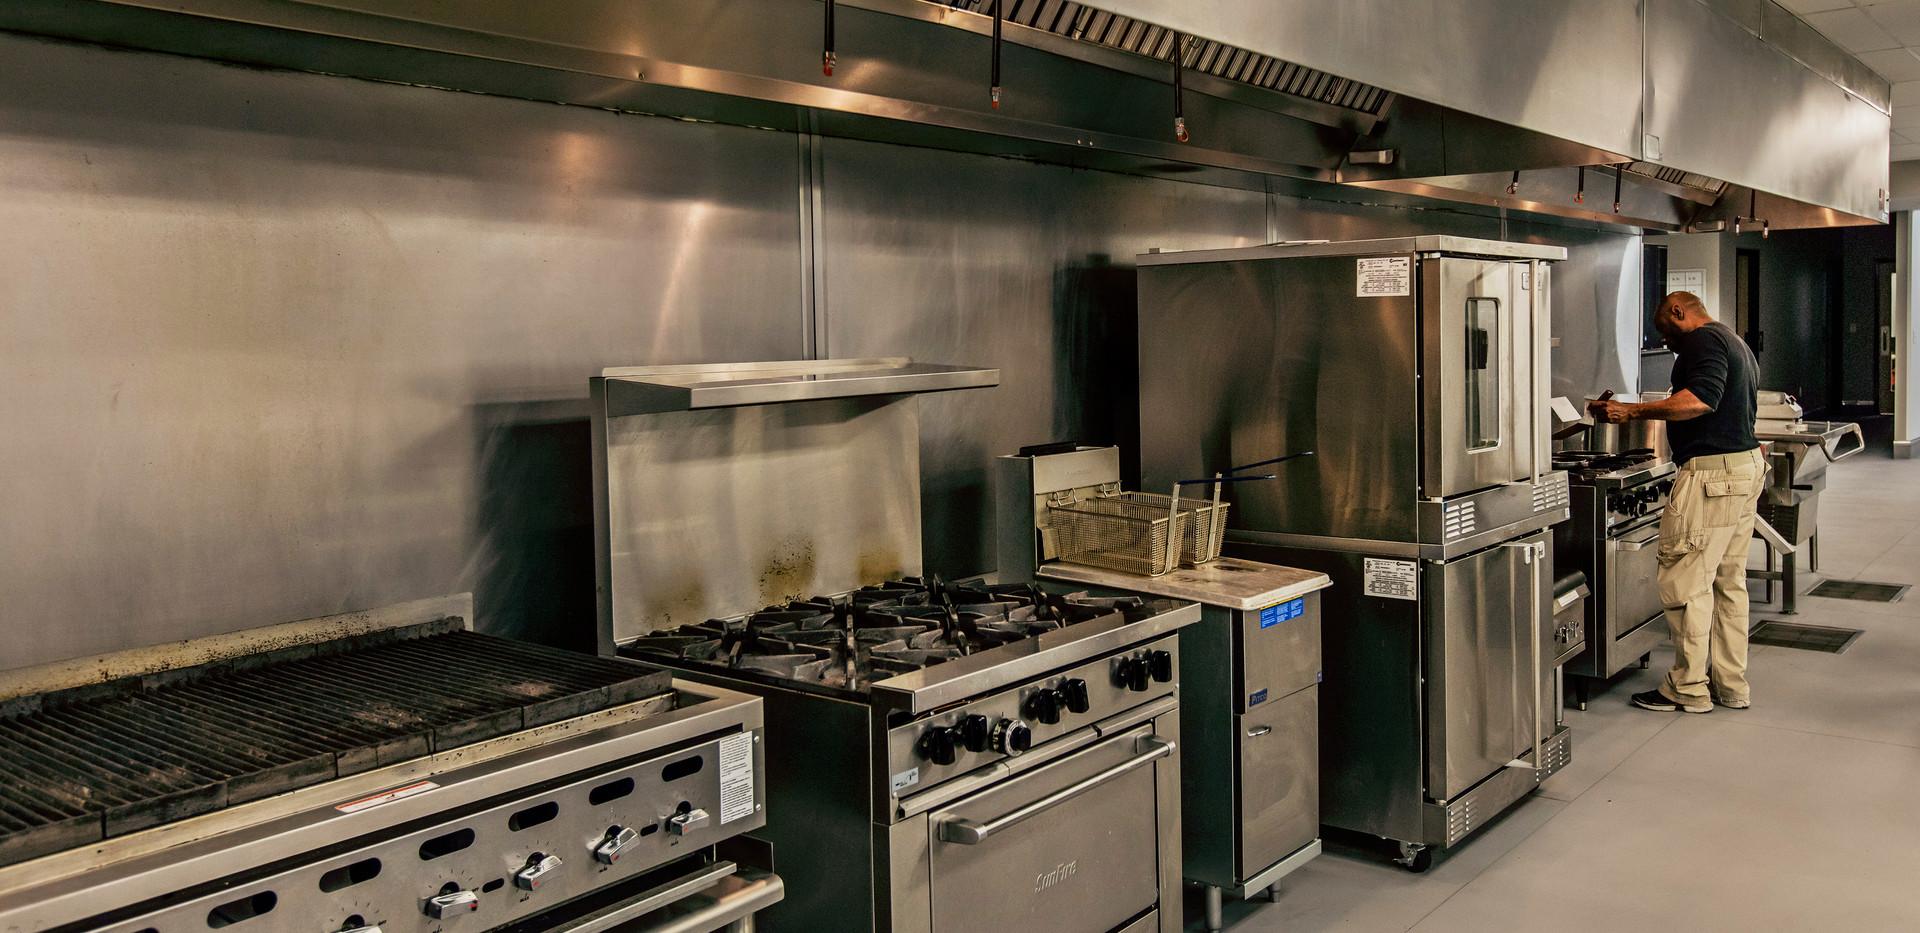 chefspace-068.jpg